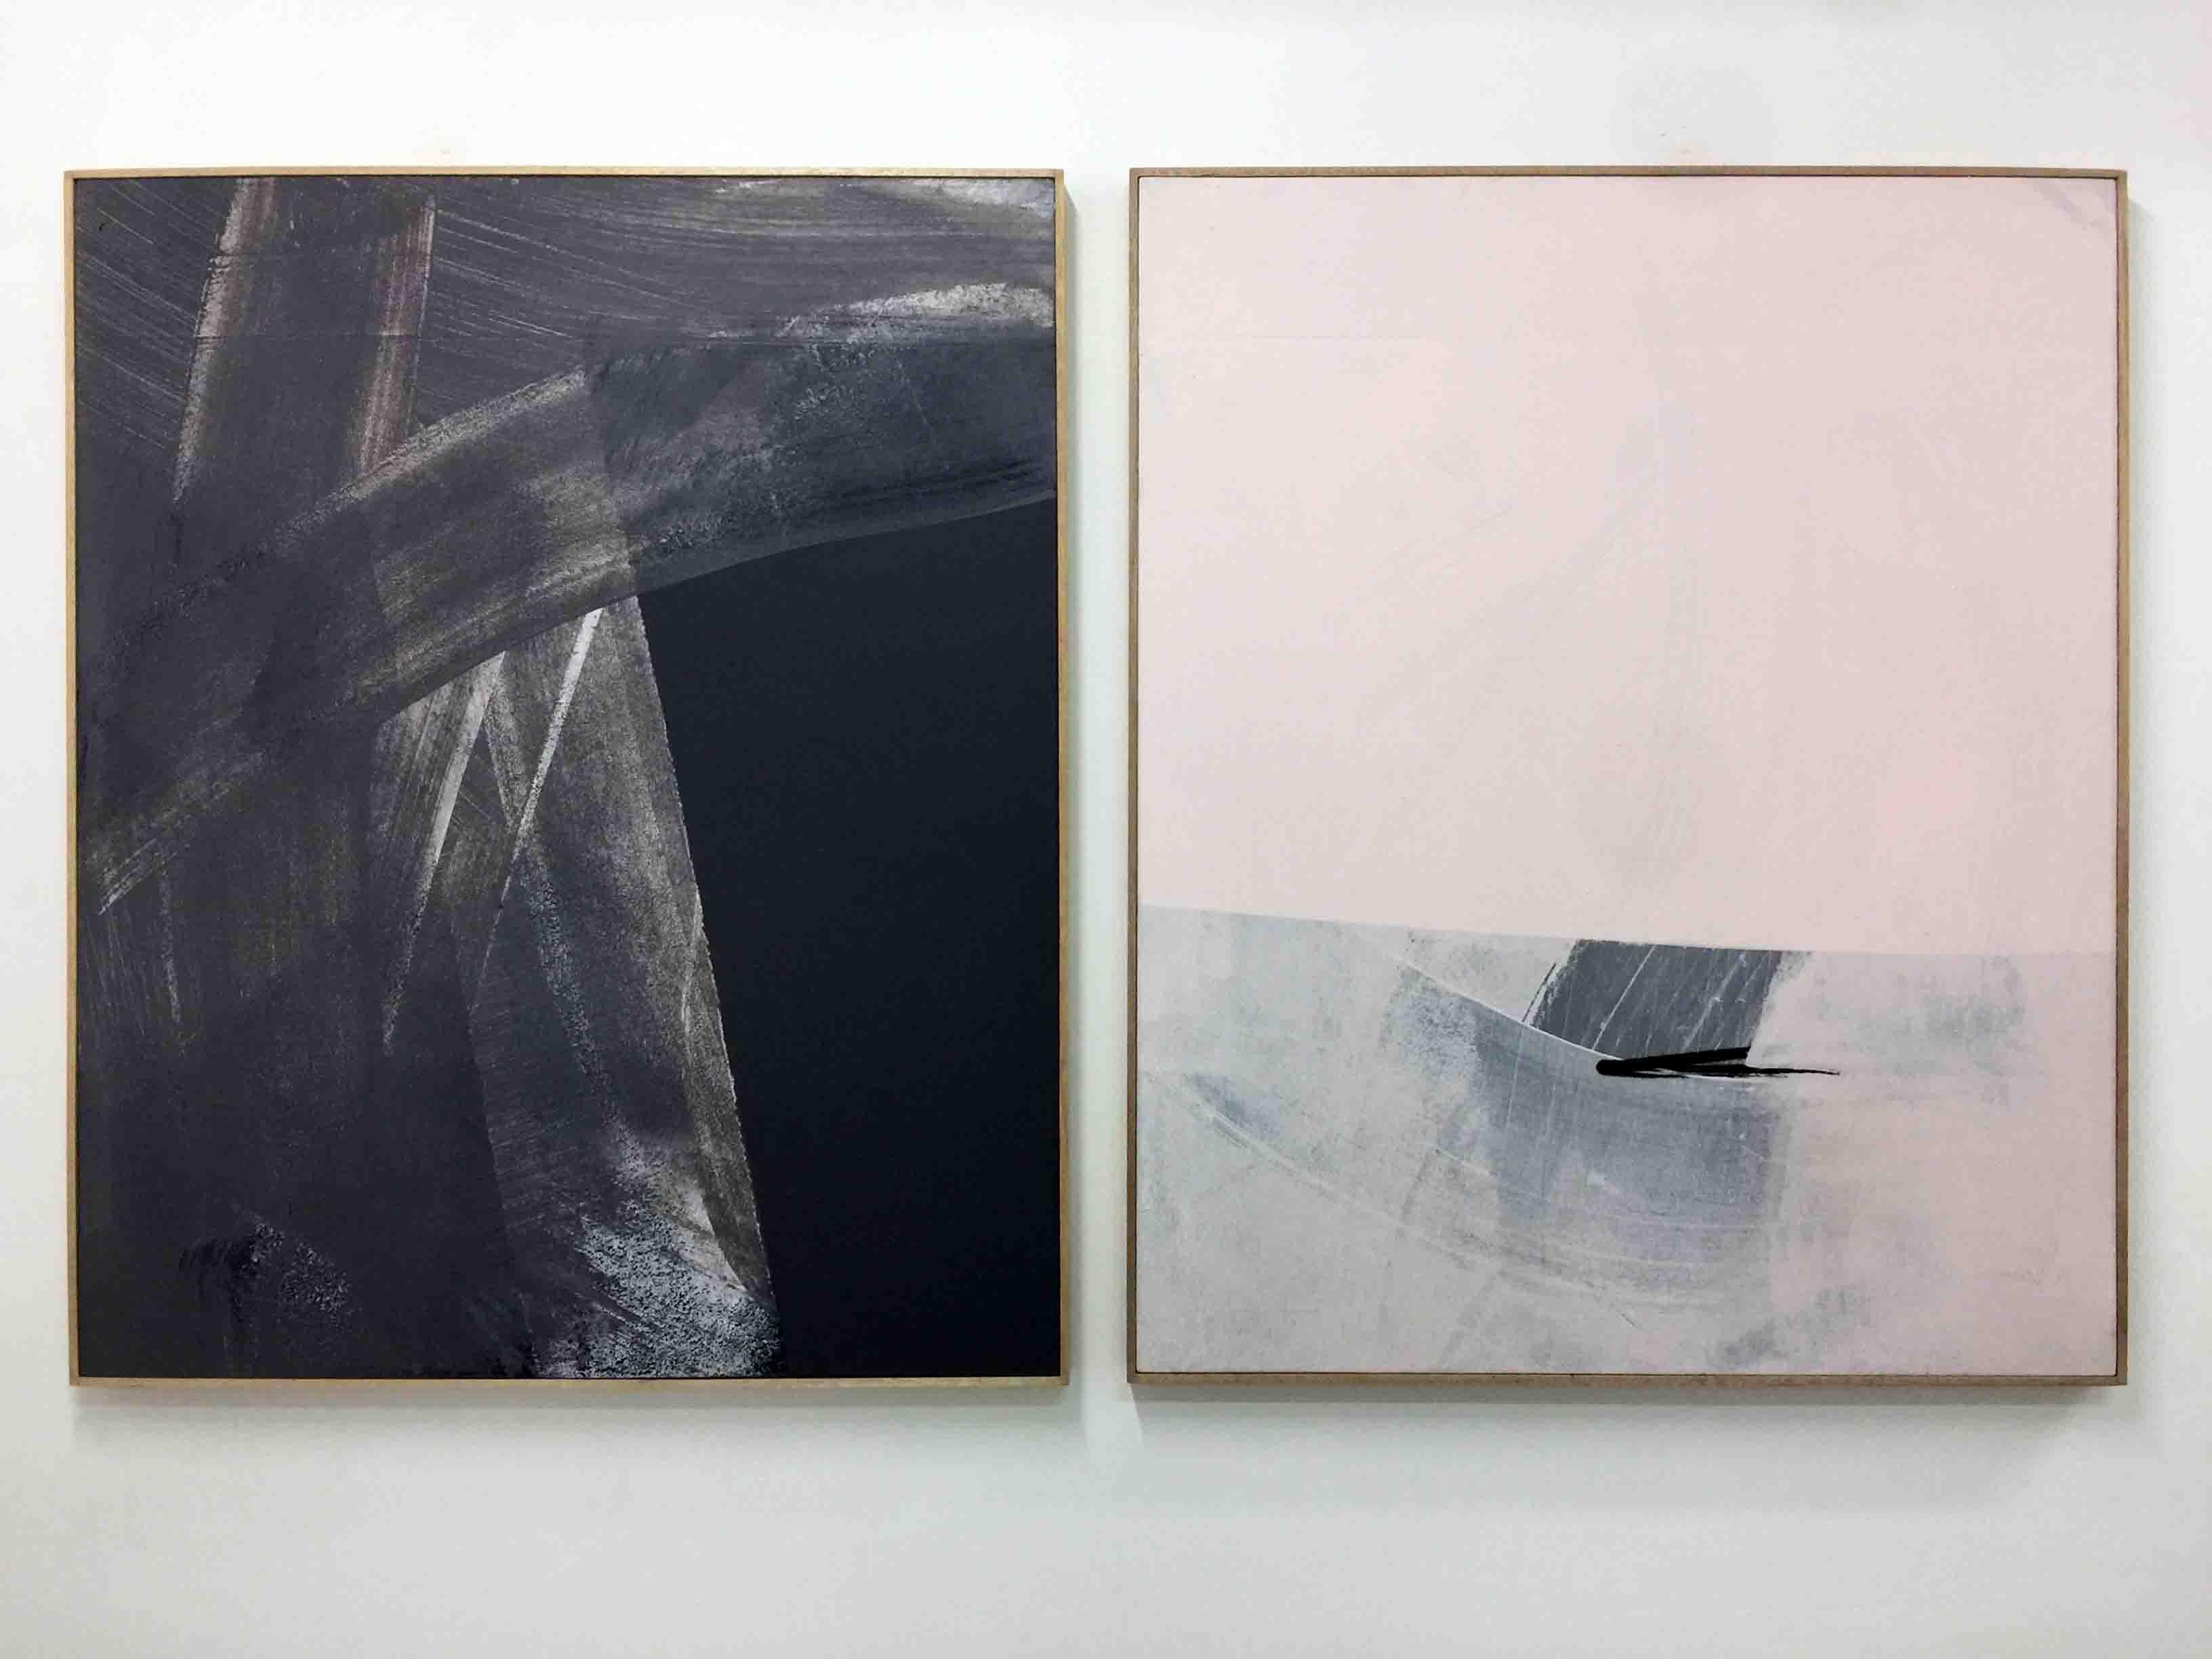 Highs & Lows - Michael Bennett